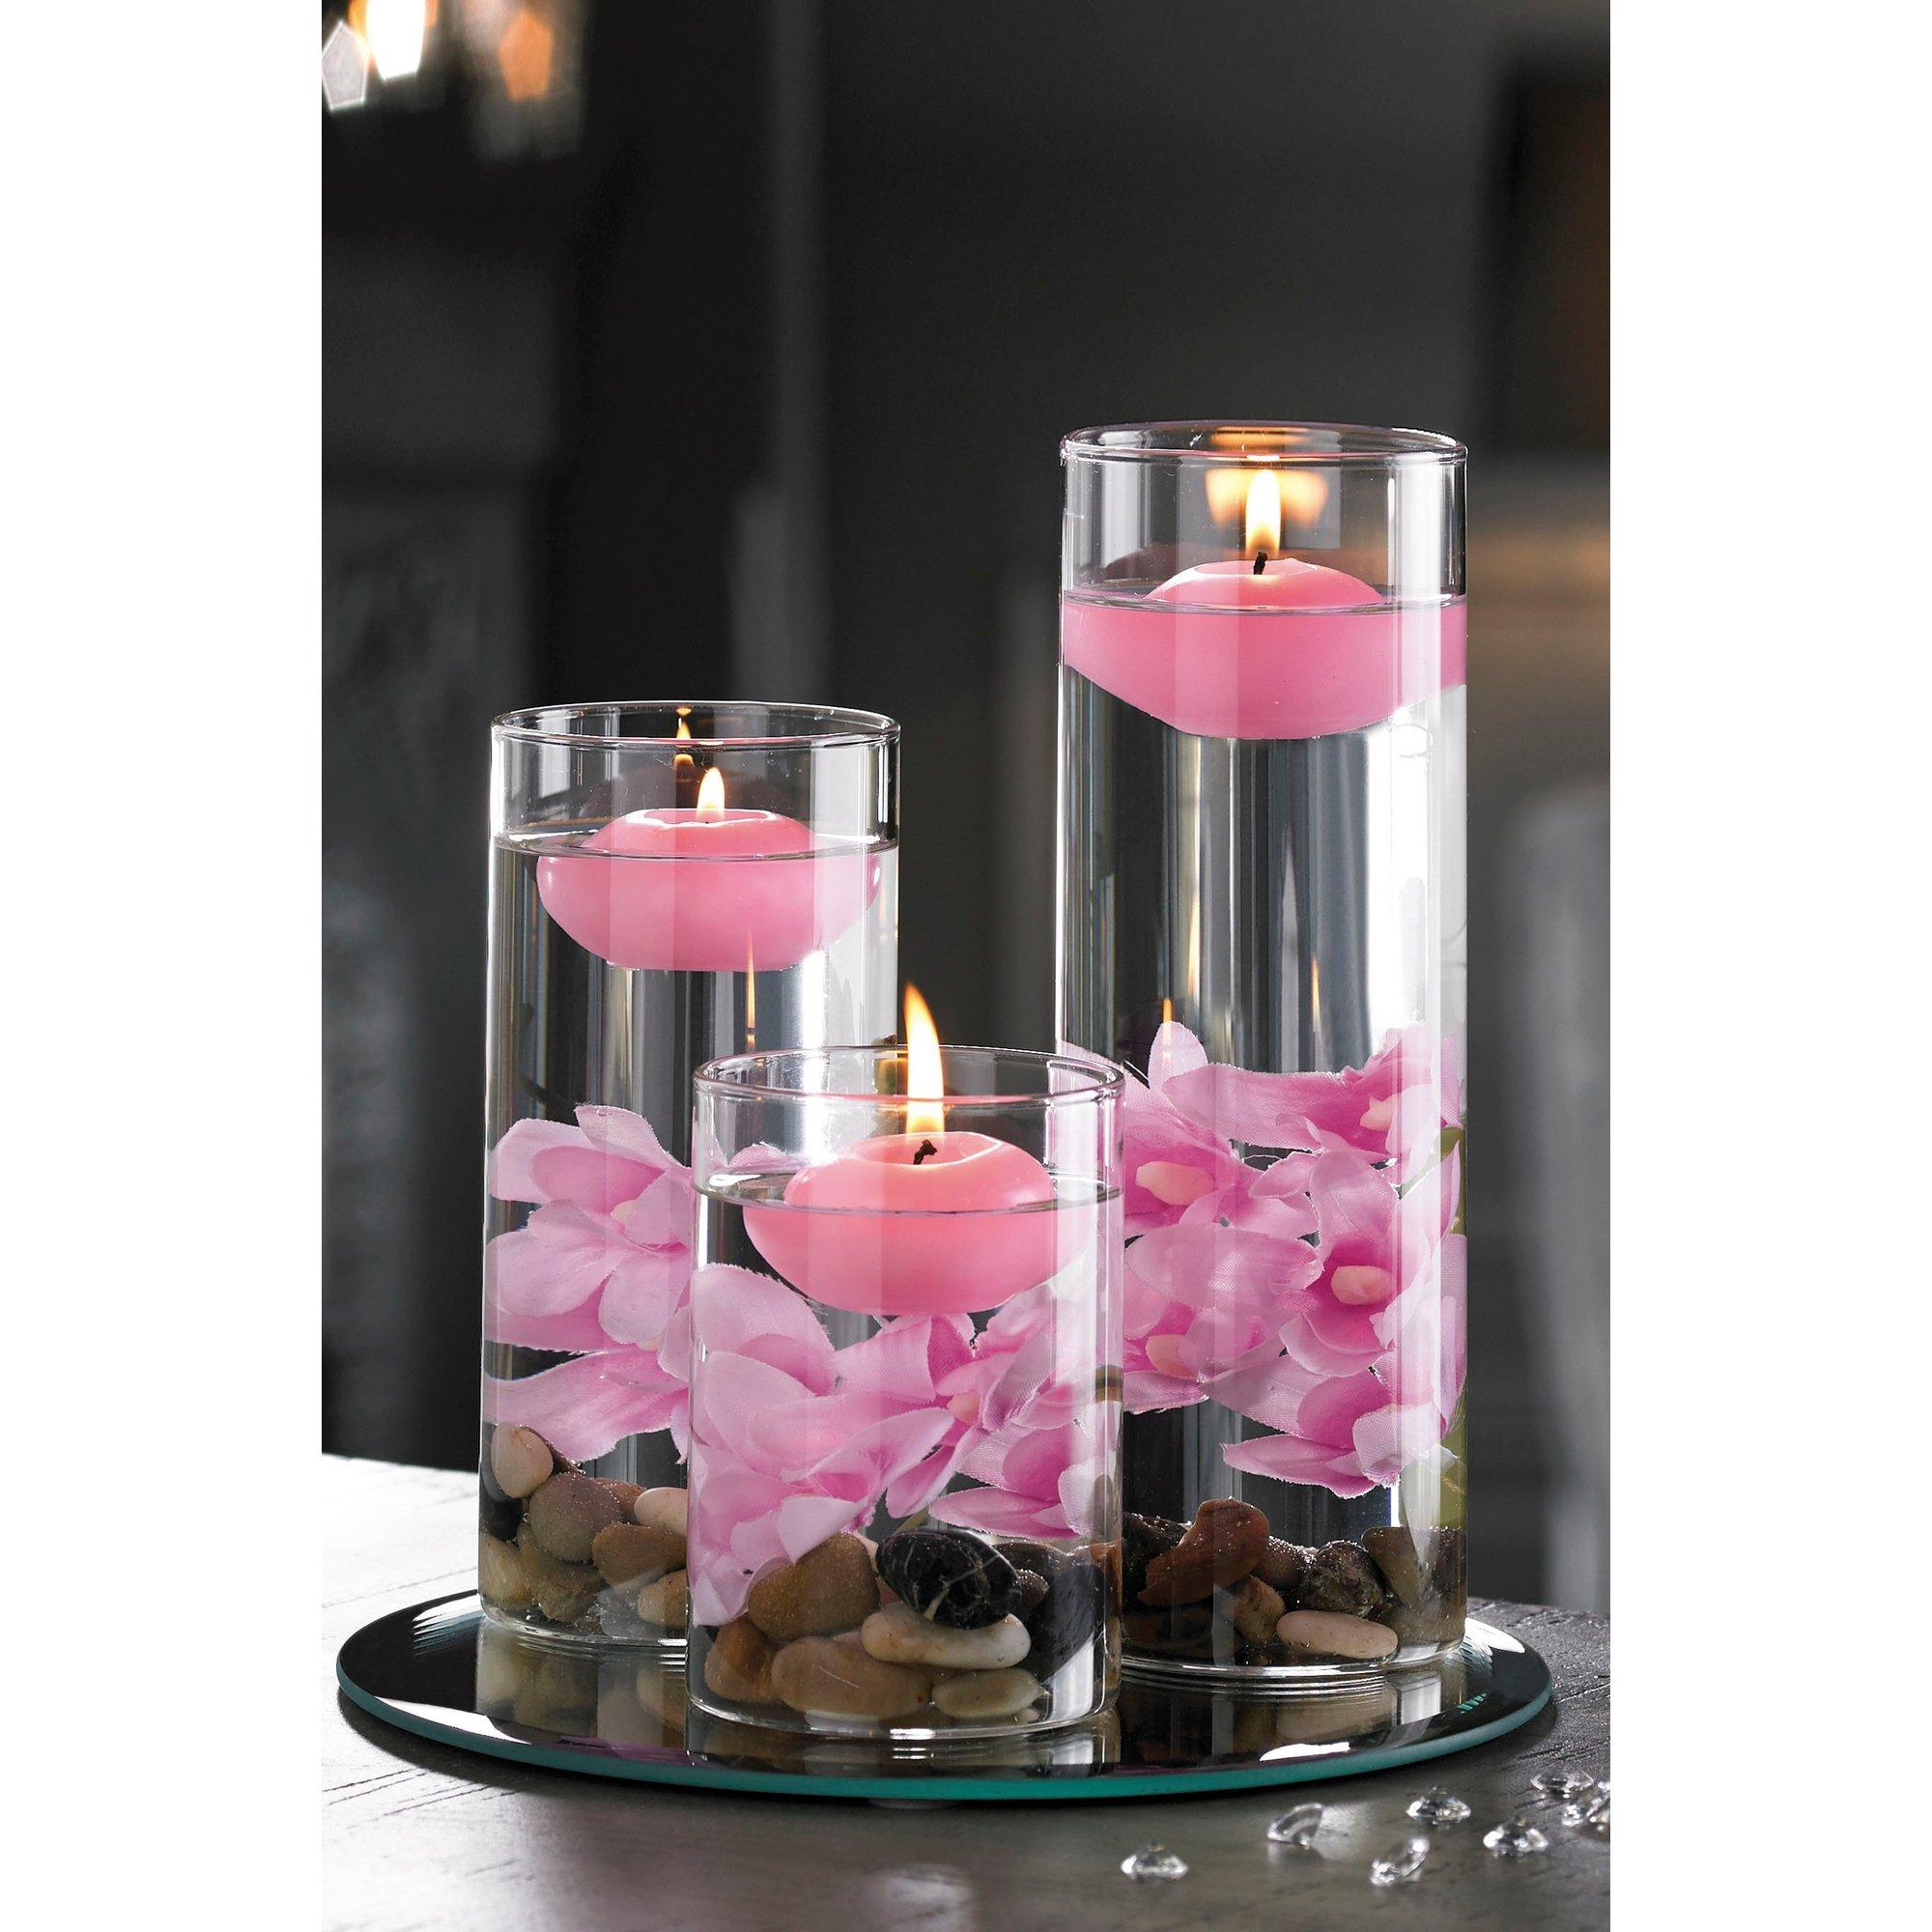 Image of Floating Candle Set